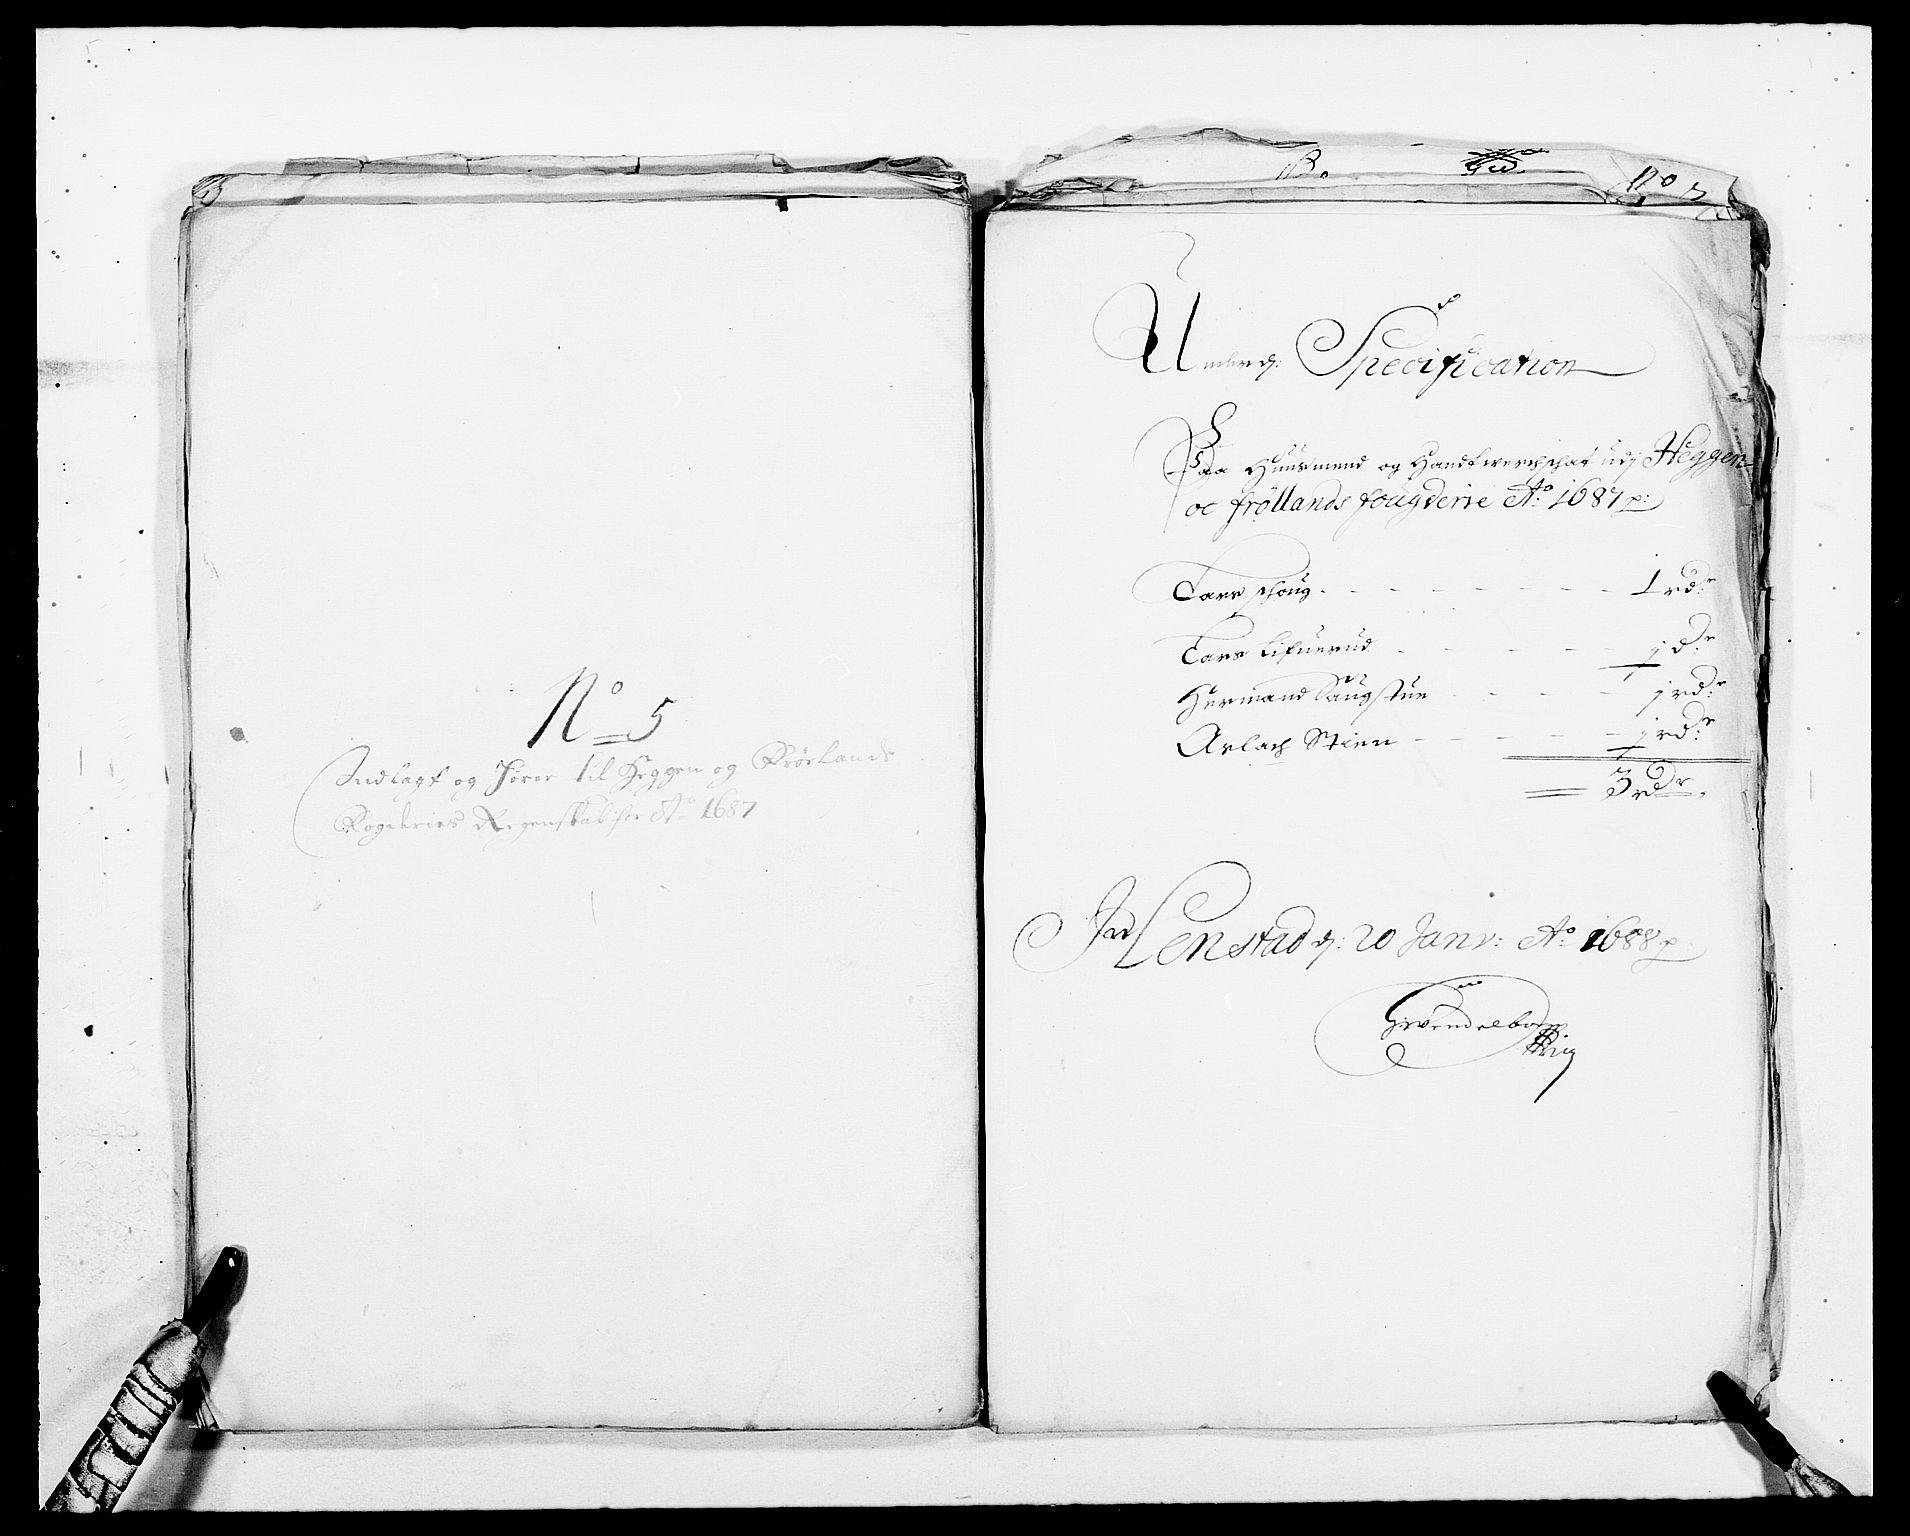 RA, Rentekammeret inntil 1814, Reviderte regnskaper, Fogderegnskap, R06/L0282: Fogderegnskap Heggen og Frøland, 1687-1690, s. 46